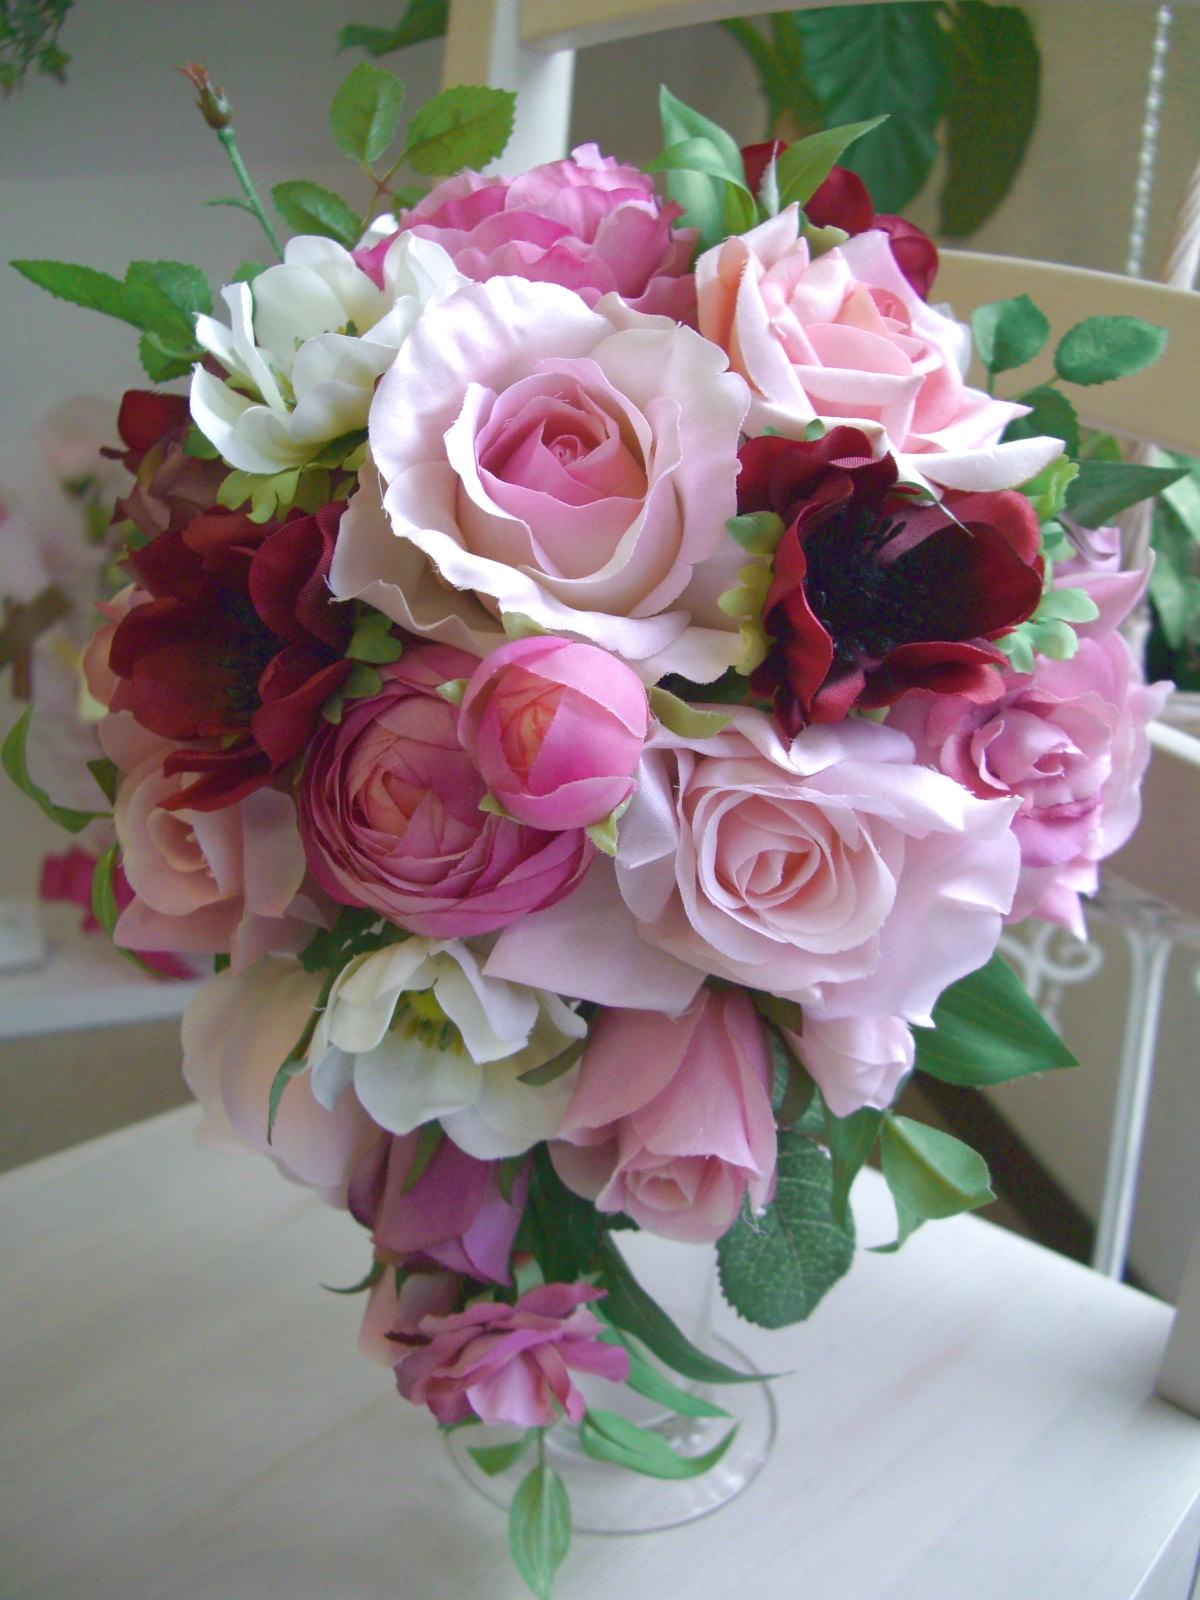 ピンク系~赤のグラデーションに仕上げた可愛らしいティアドロップブーケ。淡いピンクと、濃い目のピンクがバランスよく配されて、ドレスの優しいアクセントにピッタリ。ドレスが華やか系の花嫁さんは、ブーケはあまりコエコテにせず、配色だけで、バランスをとると美しく仕上がります。<br>そこら辺のアドバイスは、弊社へお任せ下さい!<br>ブートニア込みで13000円(税別)。配色の調整や、長さの調整ももちろんOk!ピッタリに仕上げます。